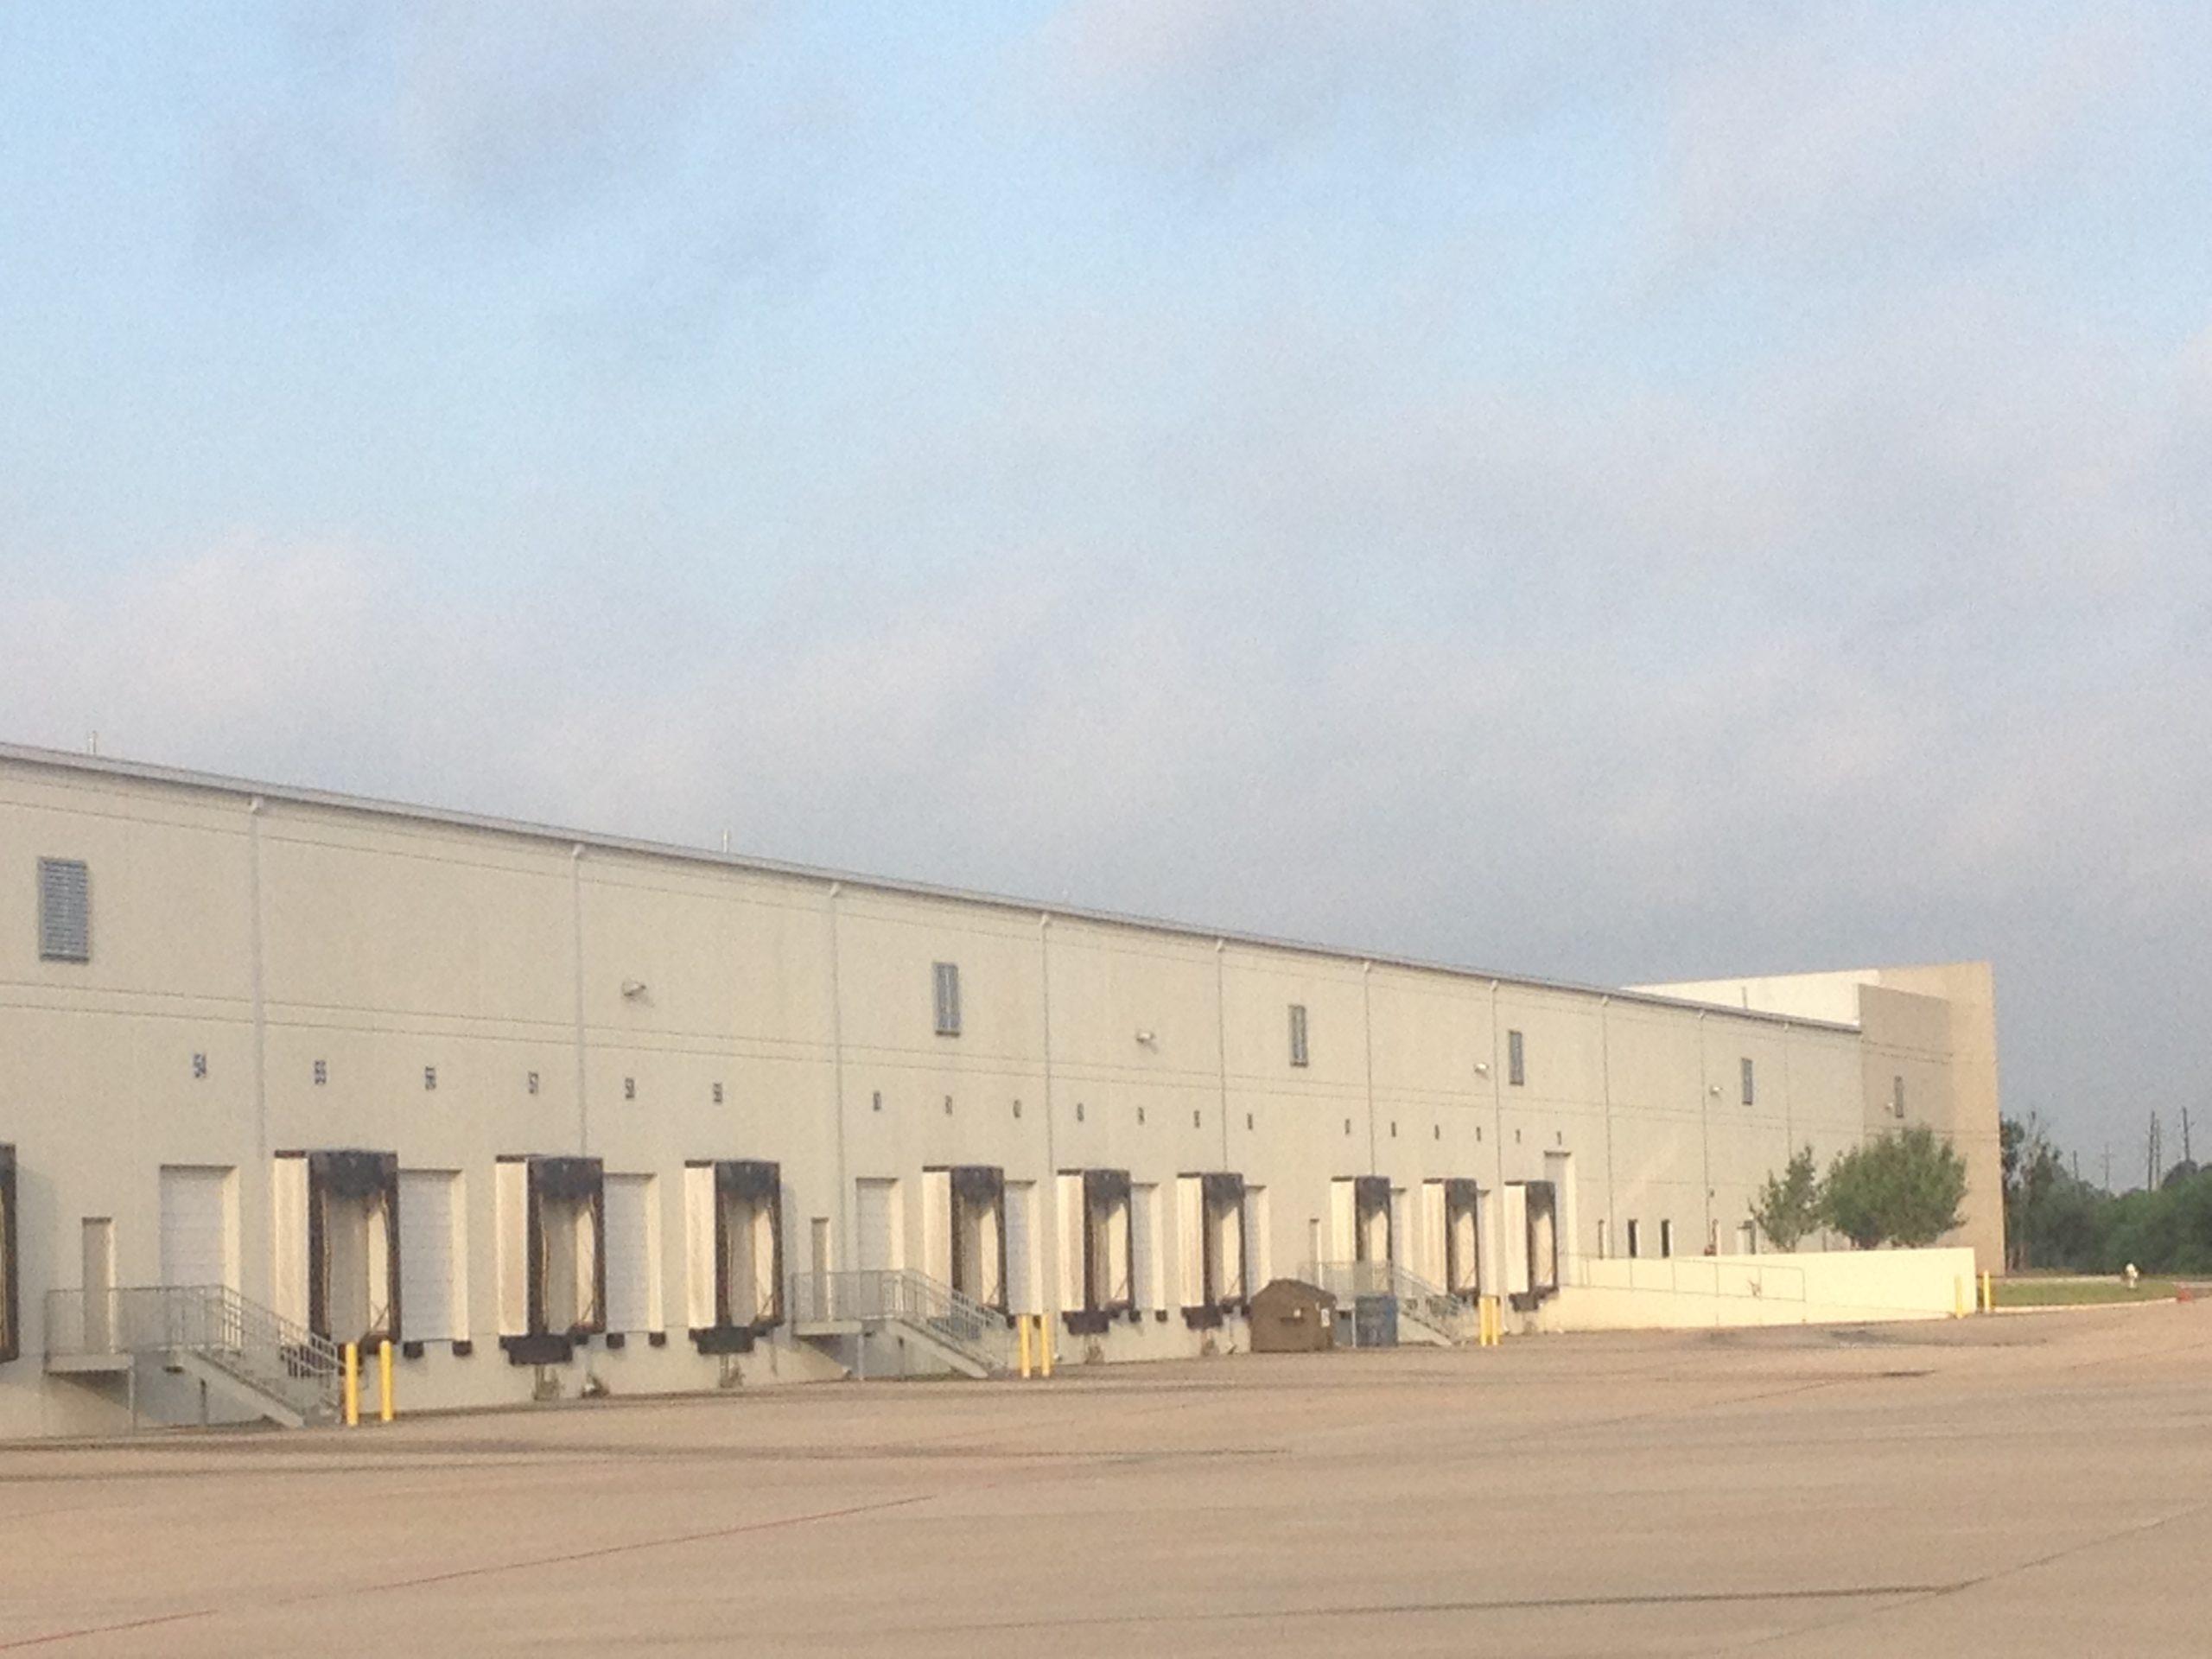 Commerce Center Houston exterior docks